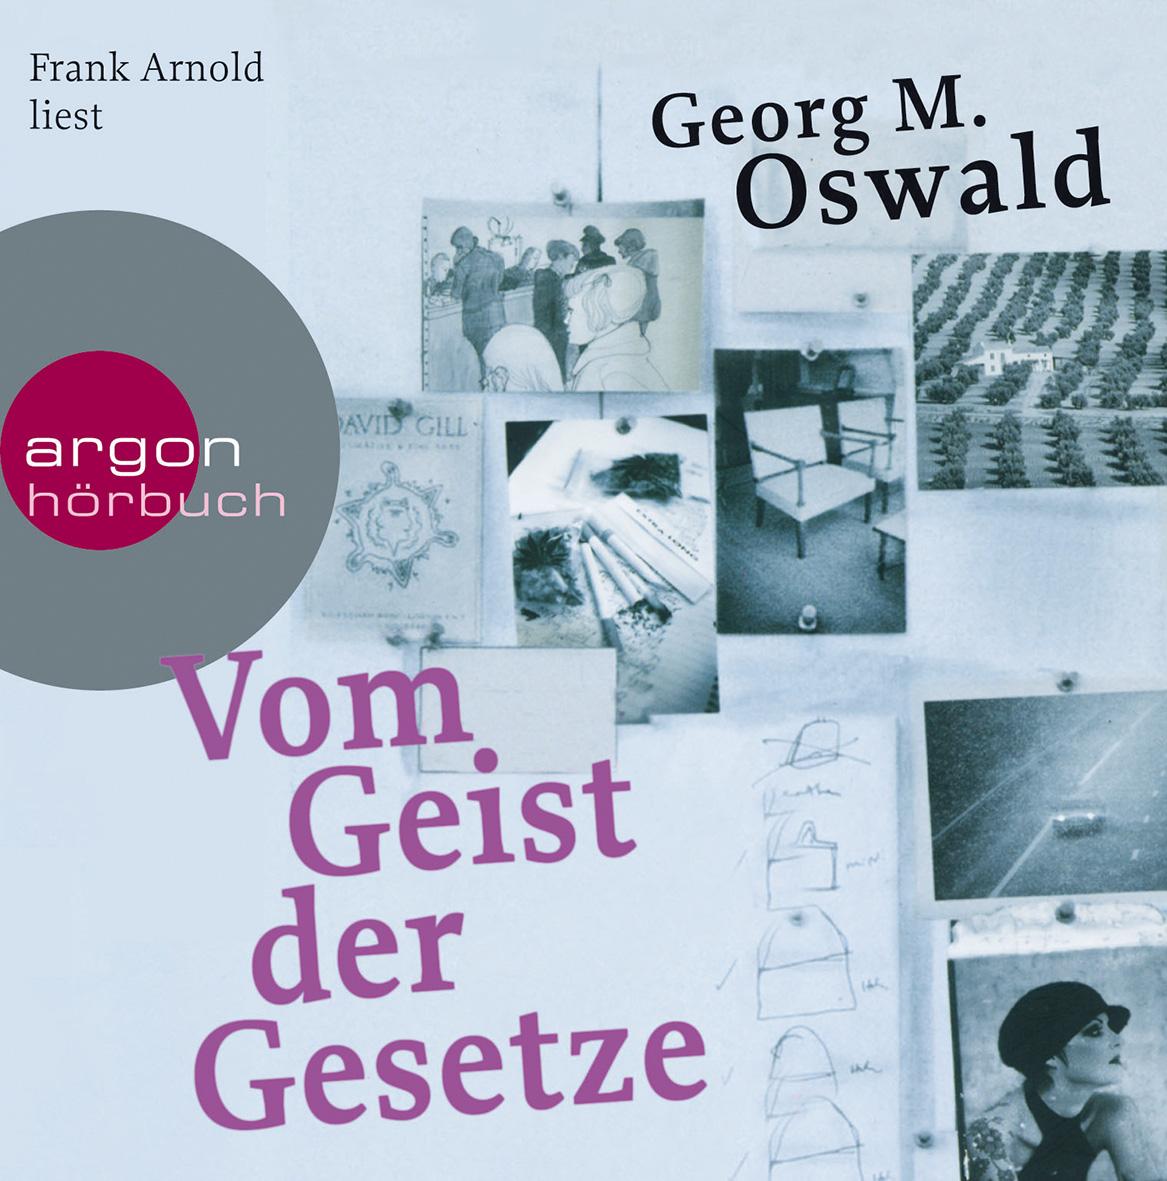 Vom Geist der Gesetze - Georg Oswald